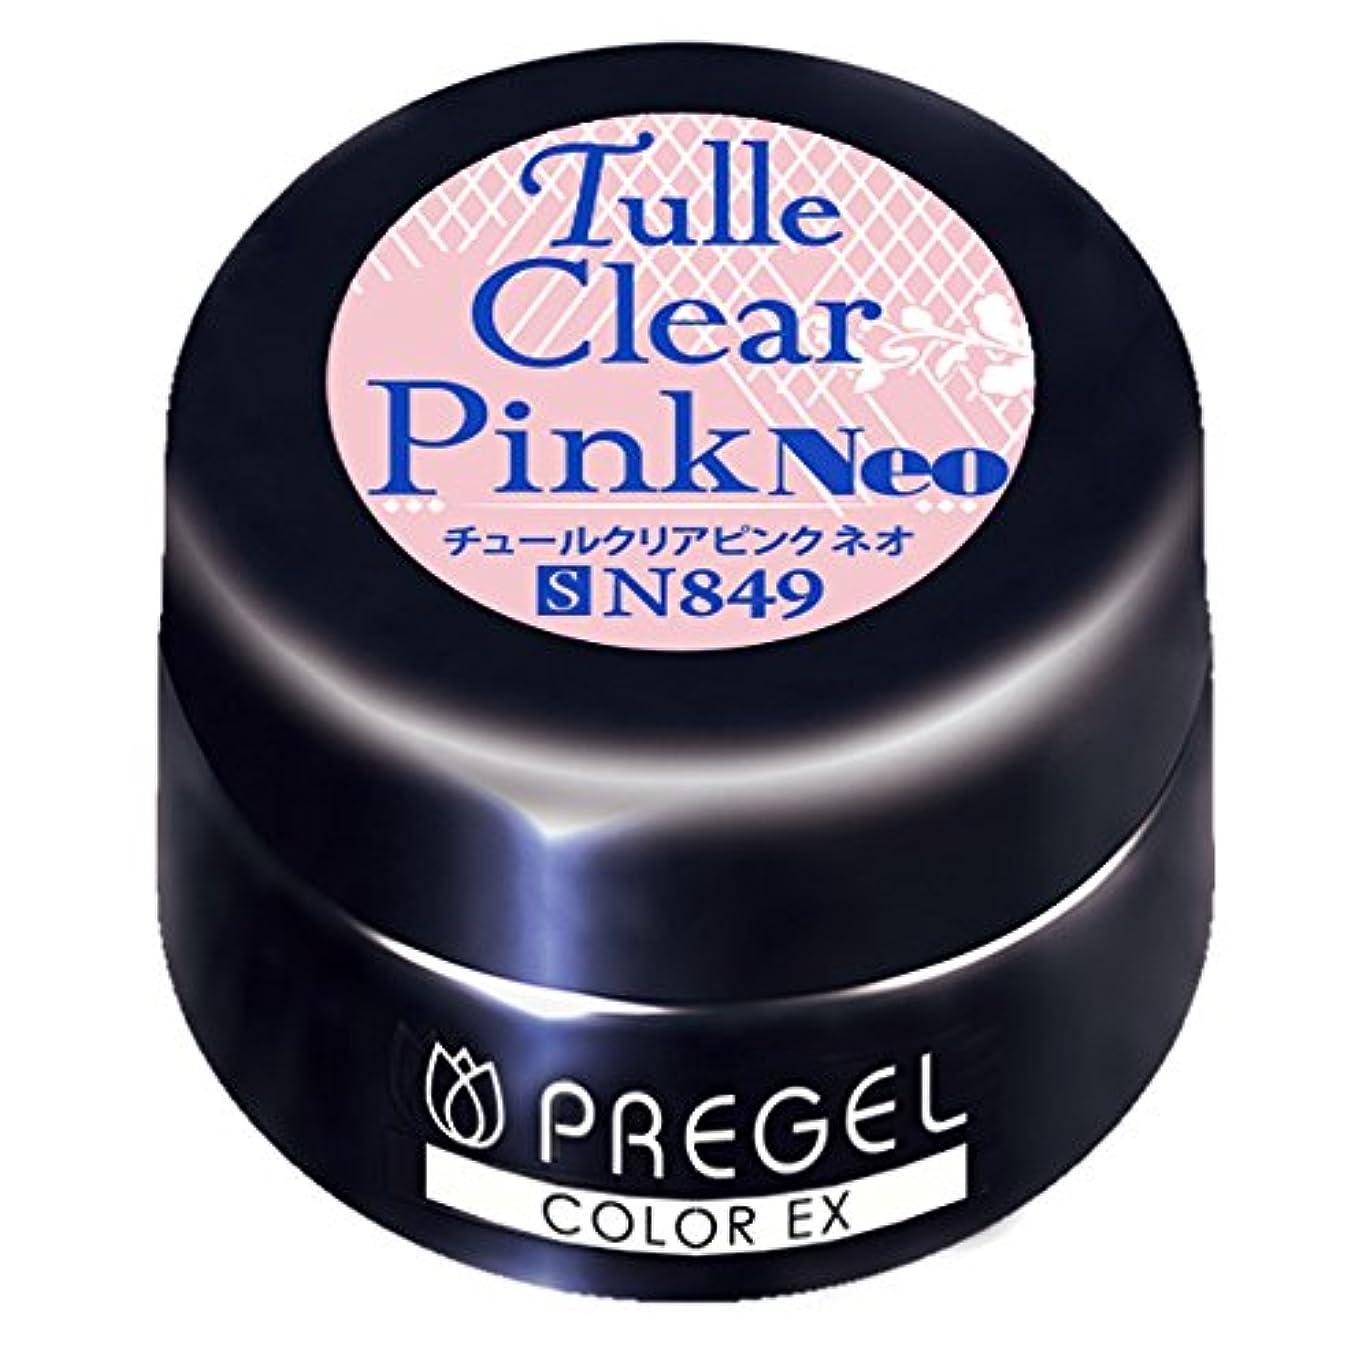 オークランド極貧意義PRE GEL カラーEX チュールクリアピンクneo849 3g UV/LED対応